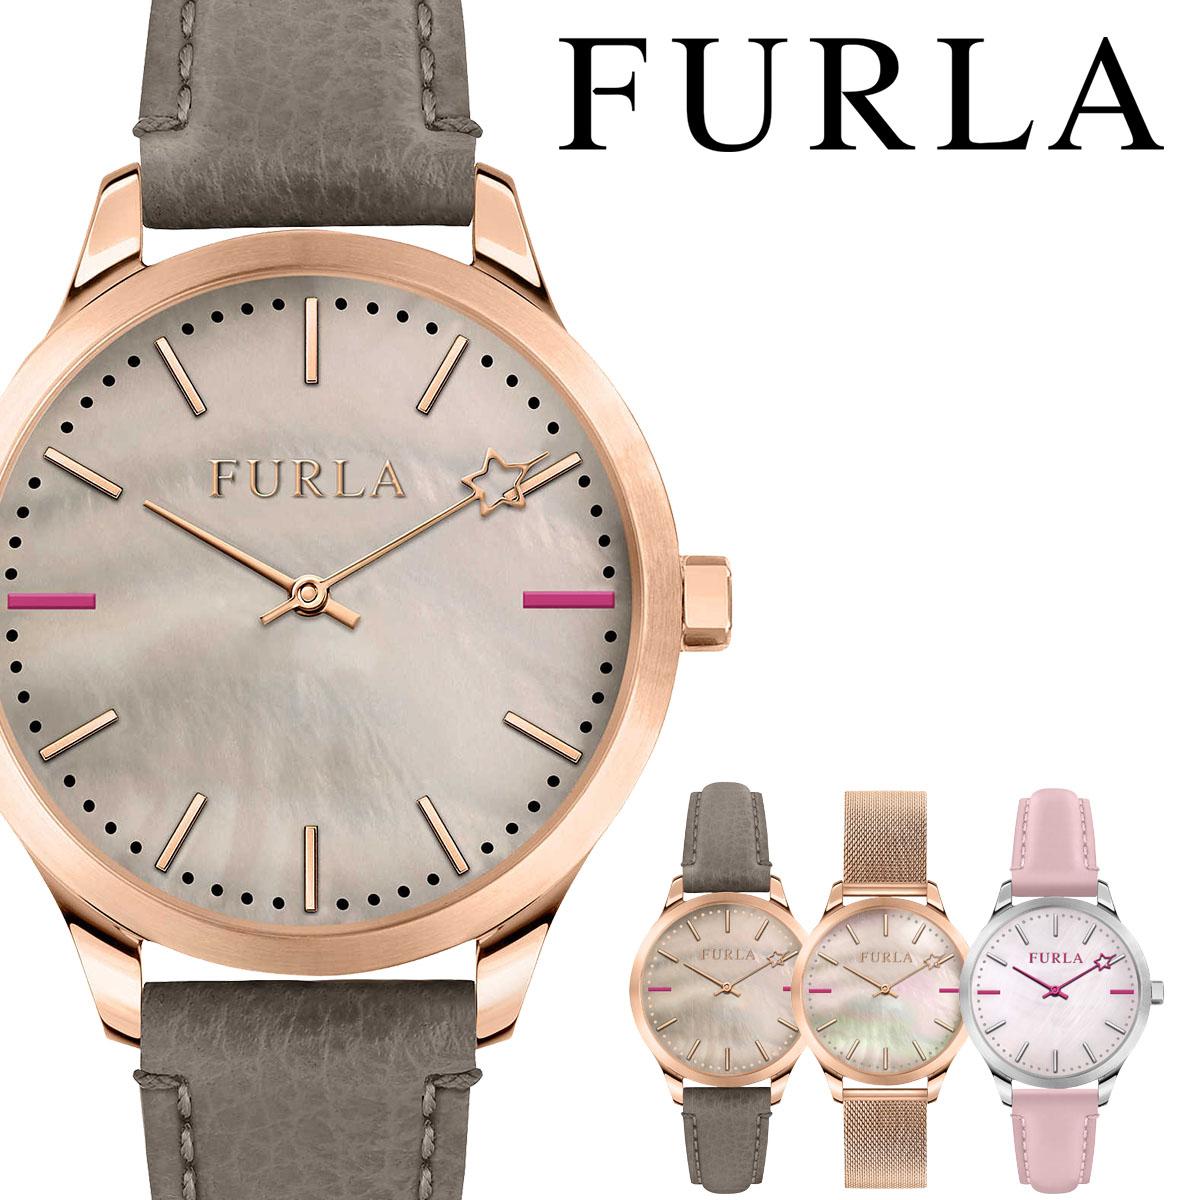 【全品送料無料】 フルラ FURLA マザーオブパール レディース 時計 腕時計 クオーツ